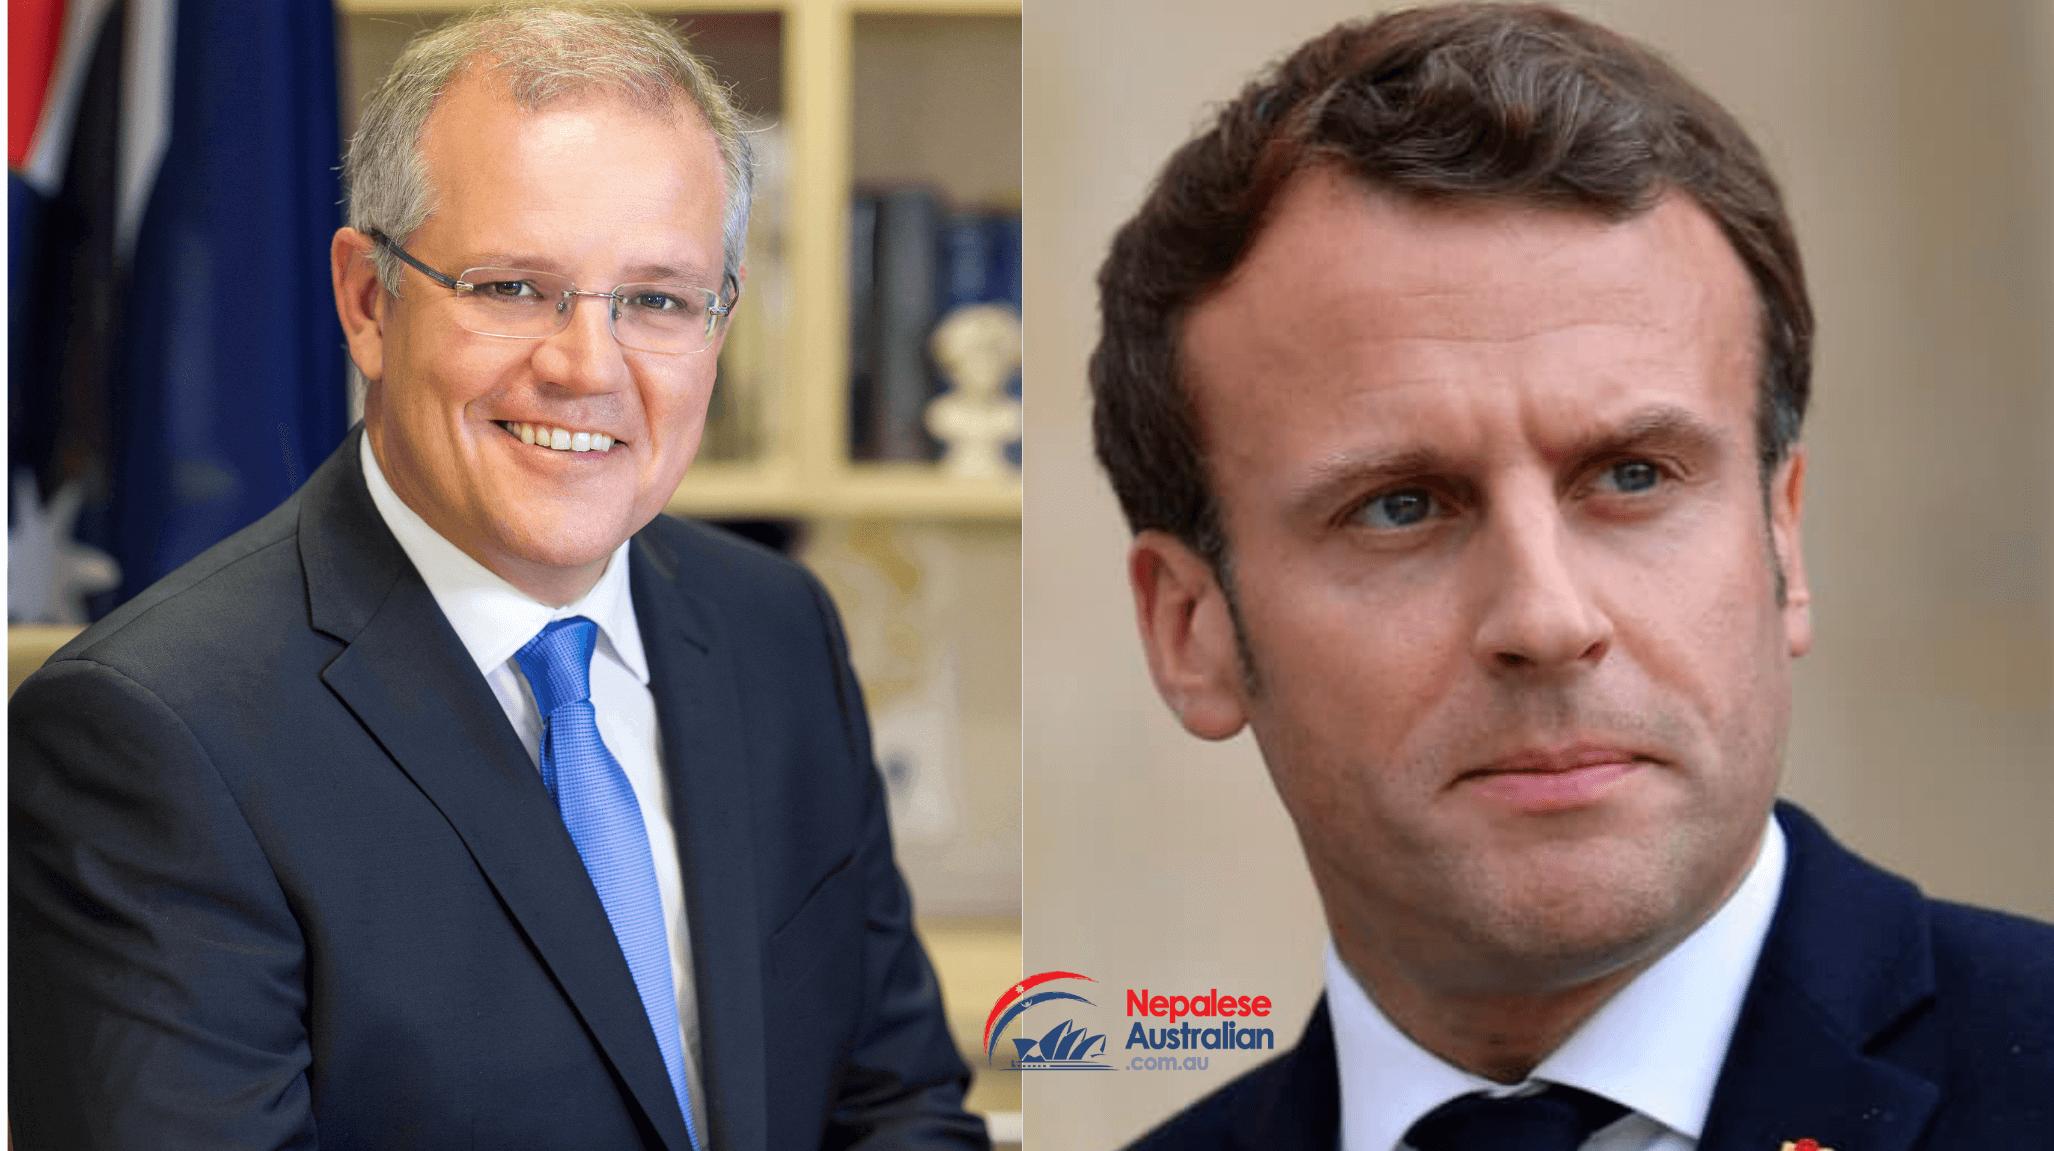 Australian Prime Minister Scott Morrison and French President Emmanuel Macron